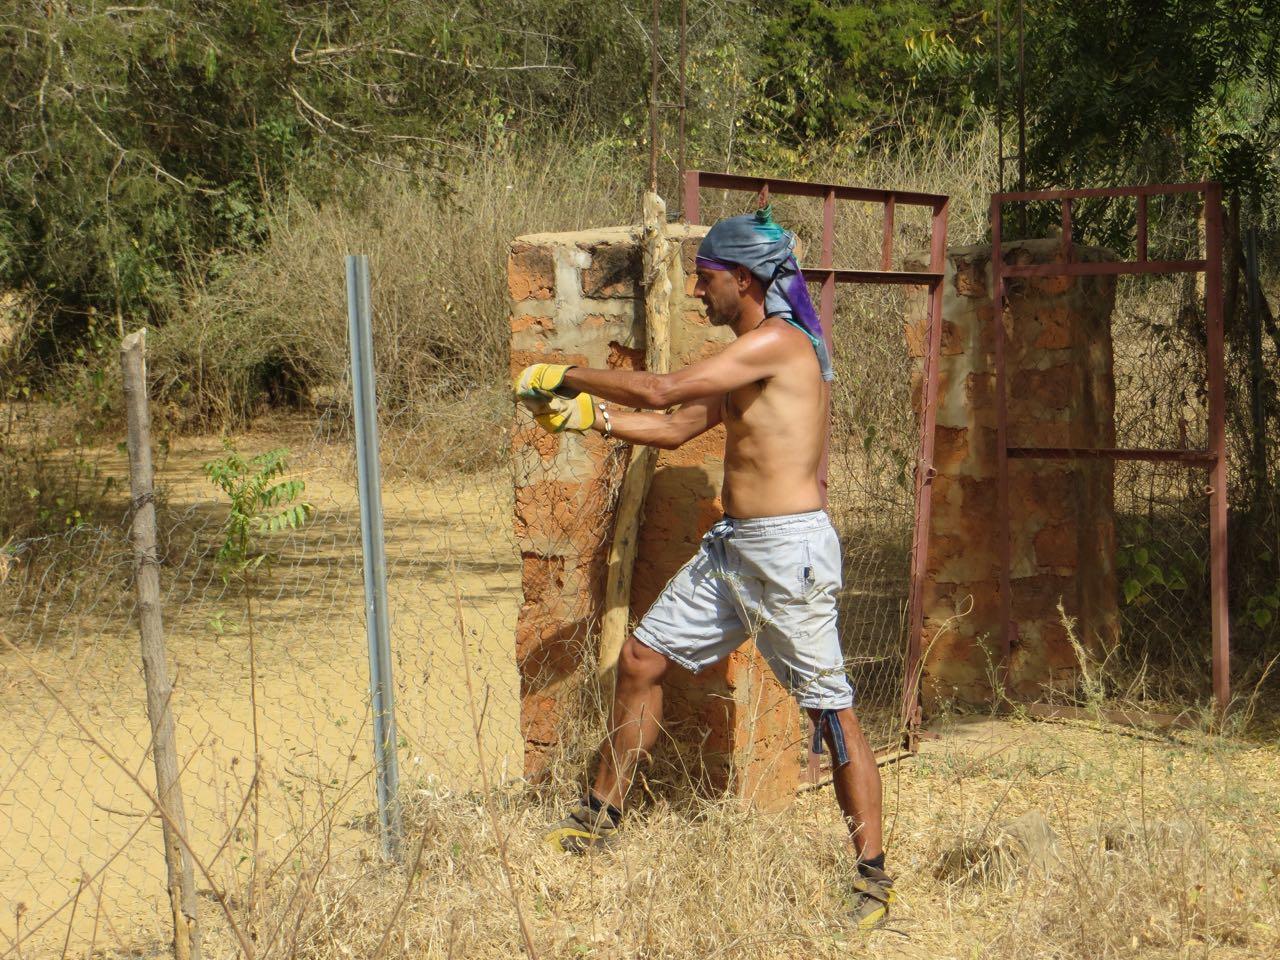 Reinforcing fences